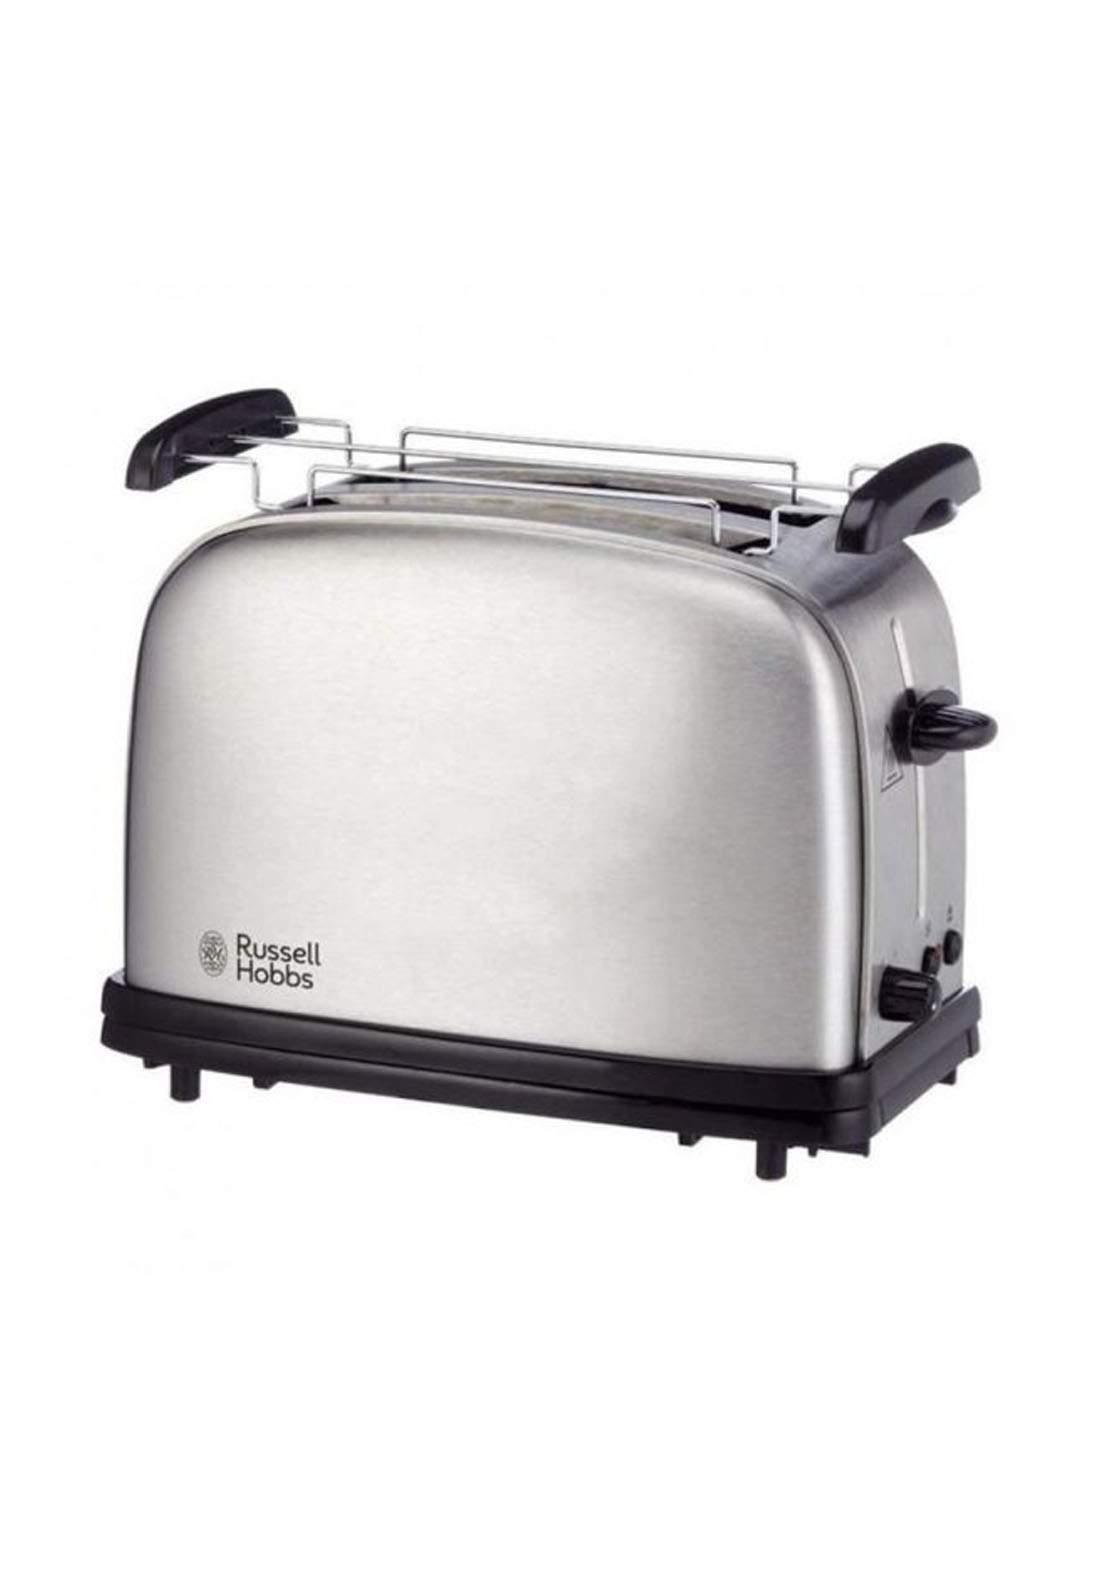 Russell hobbs 20700 Toaster محمصة